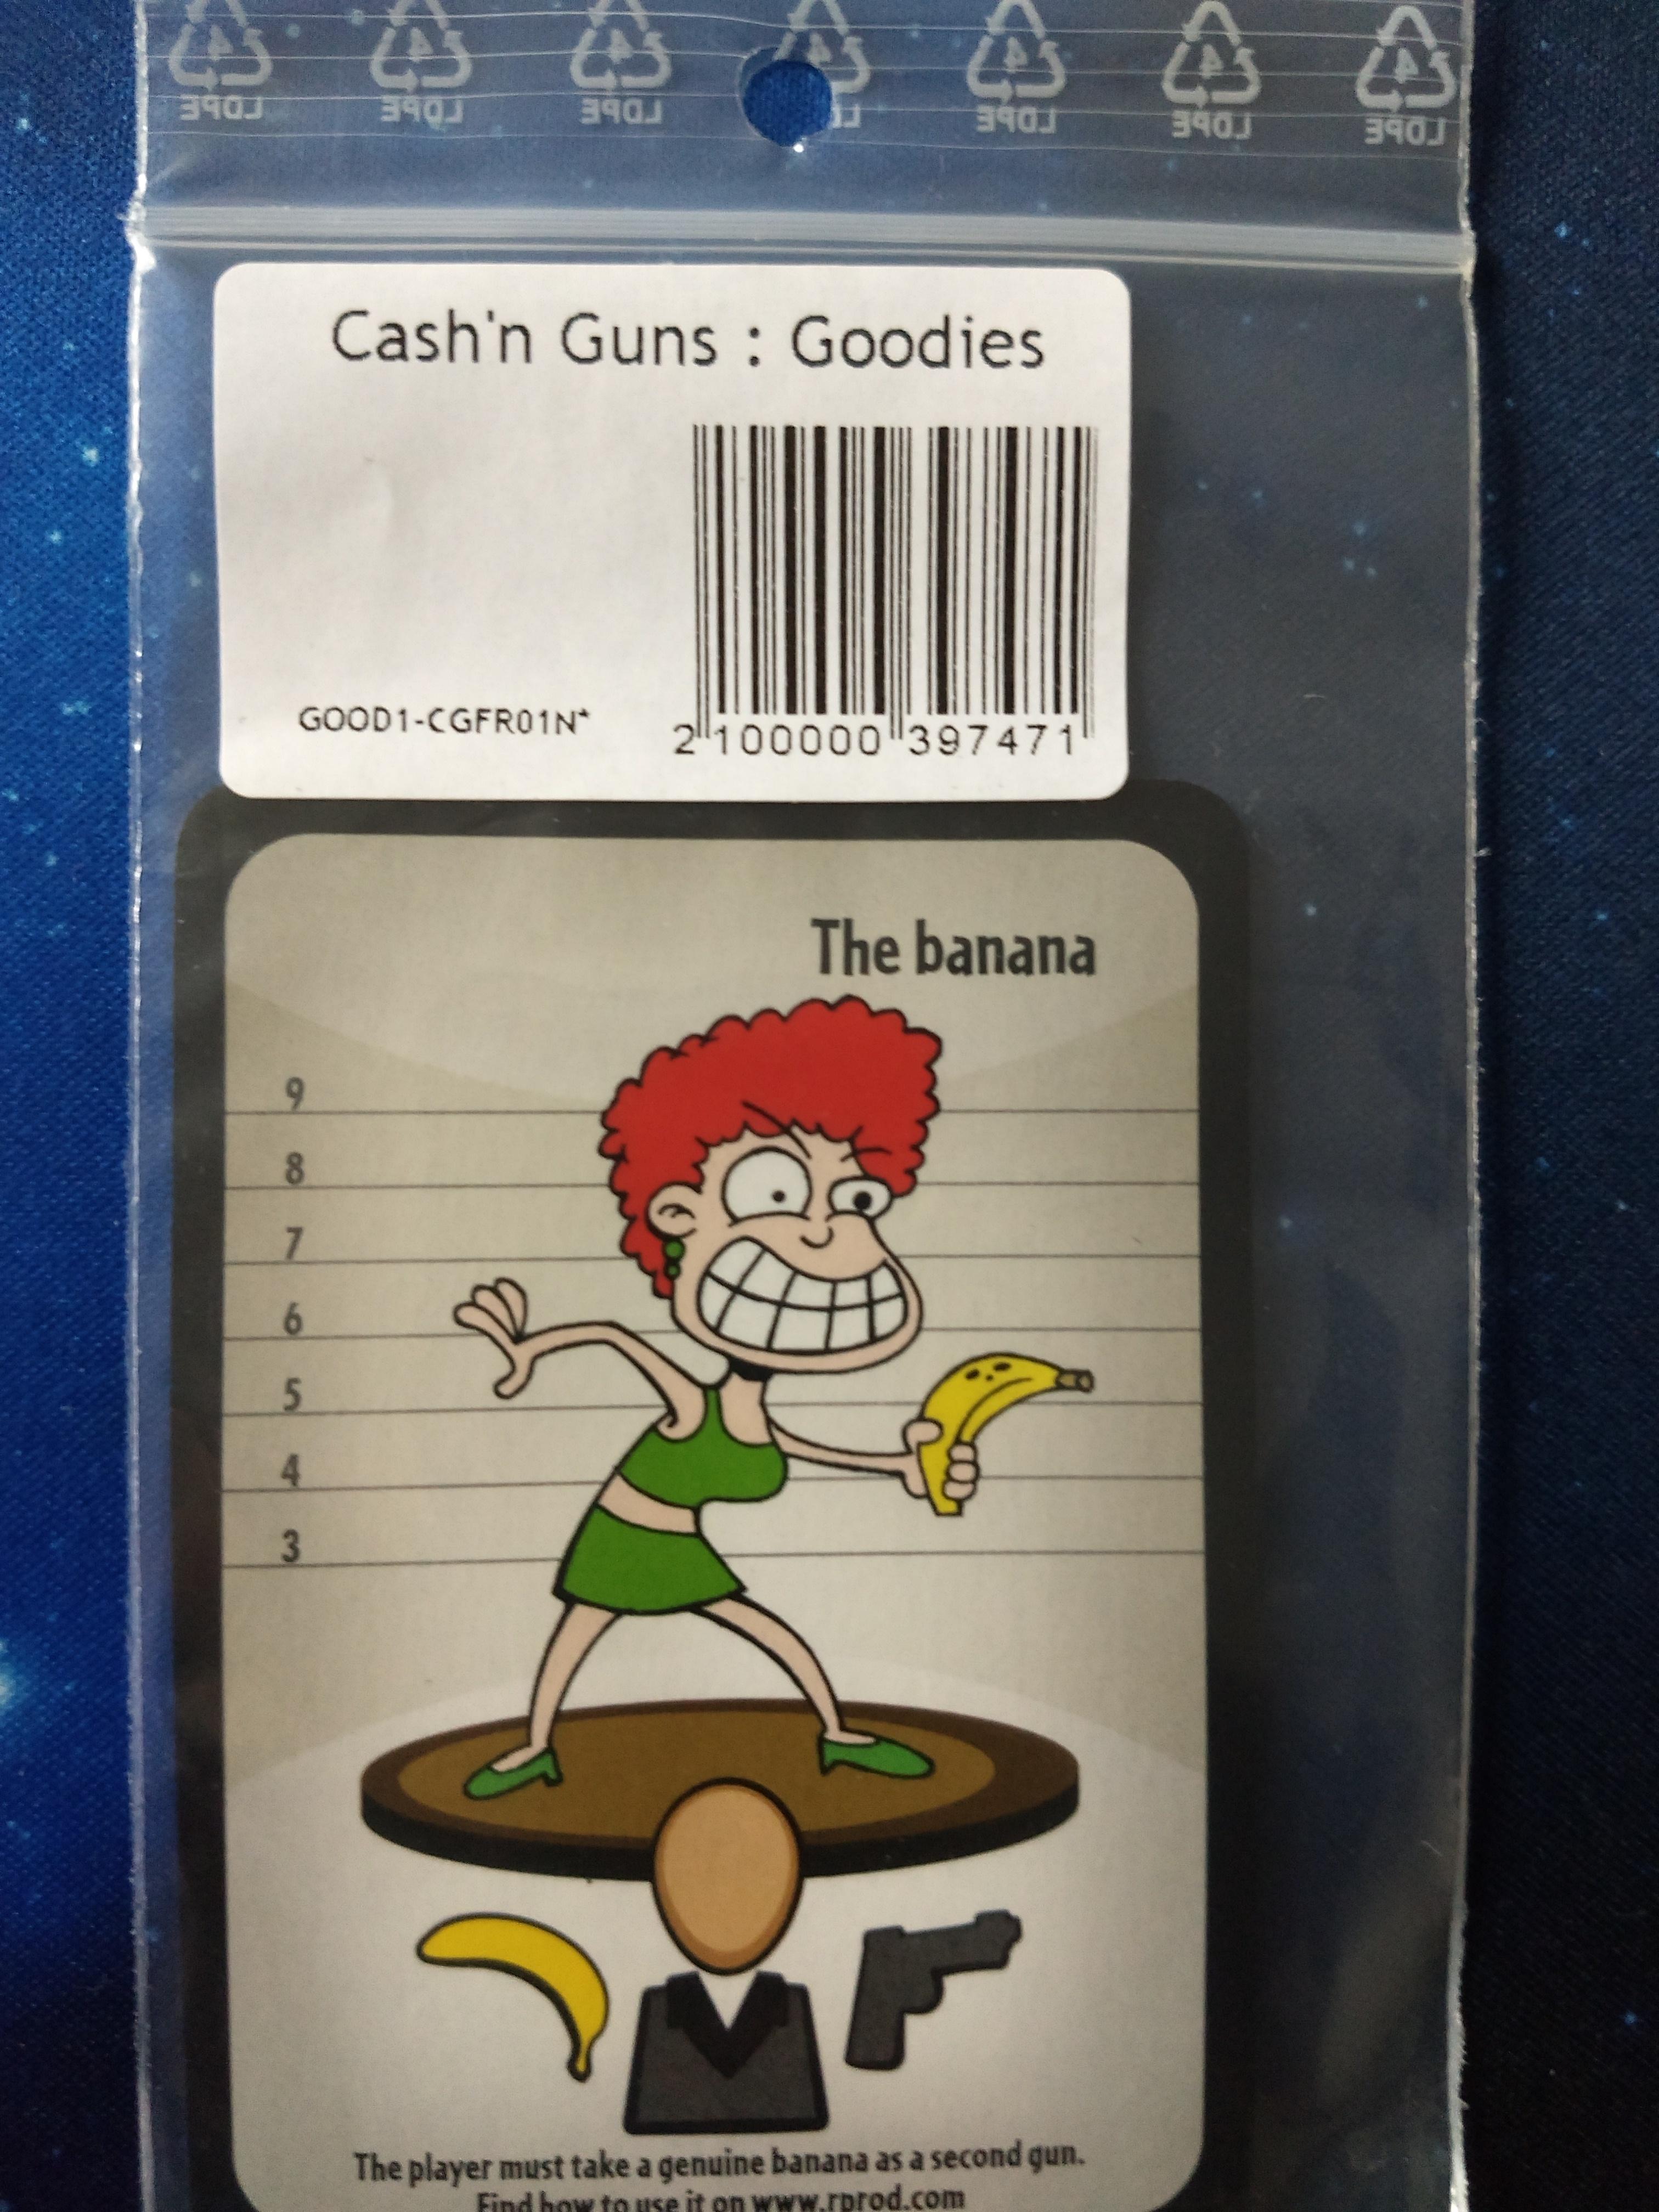 Cash'n Guns Goodie